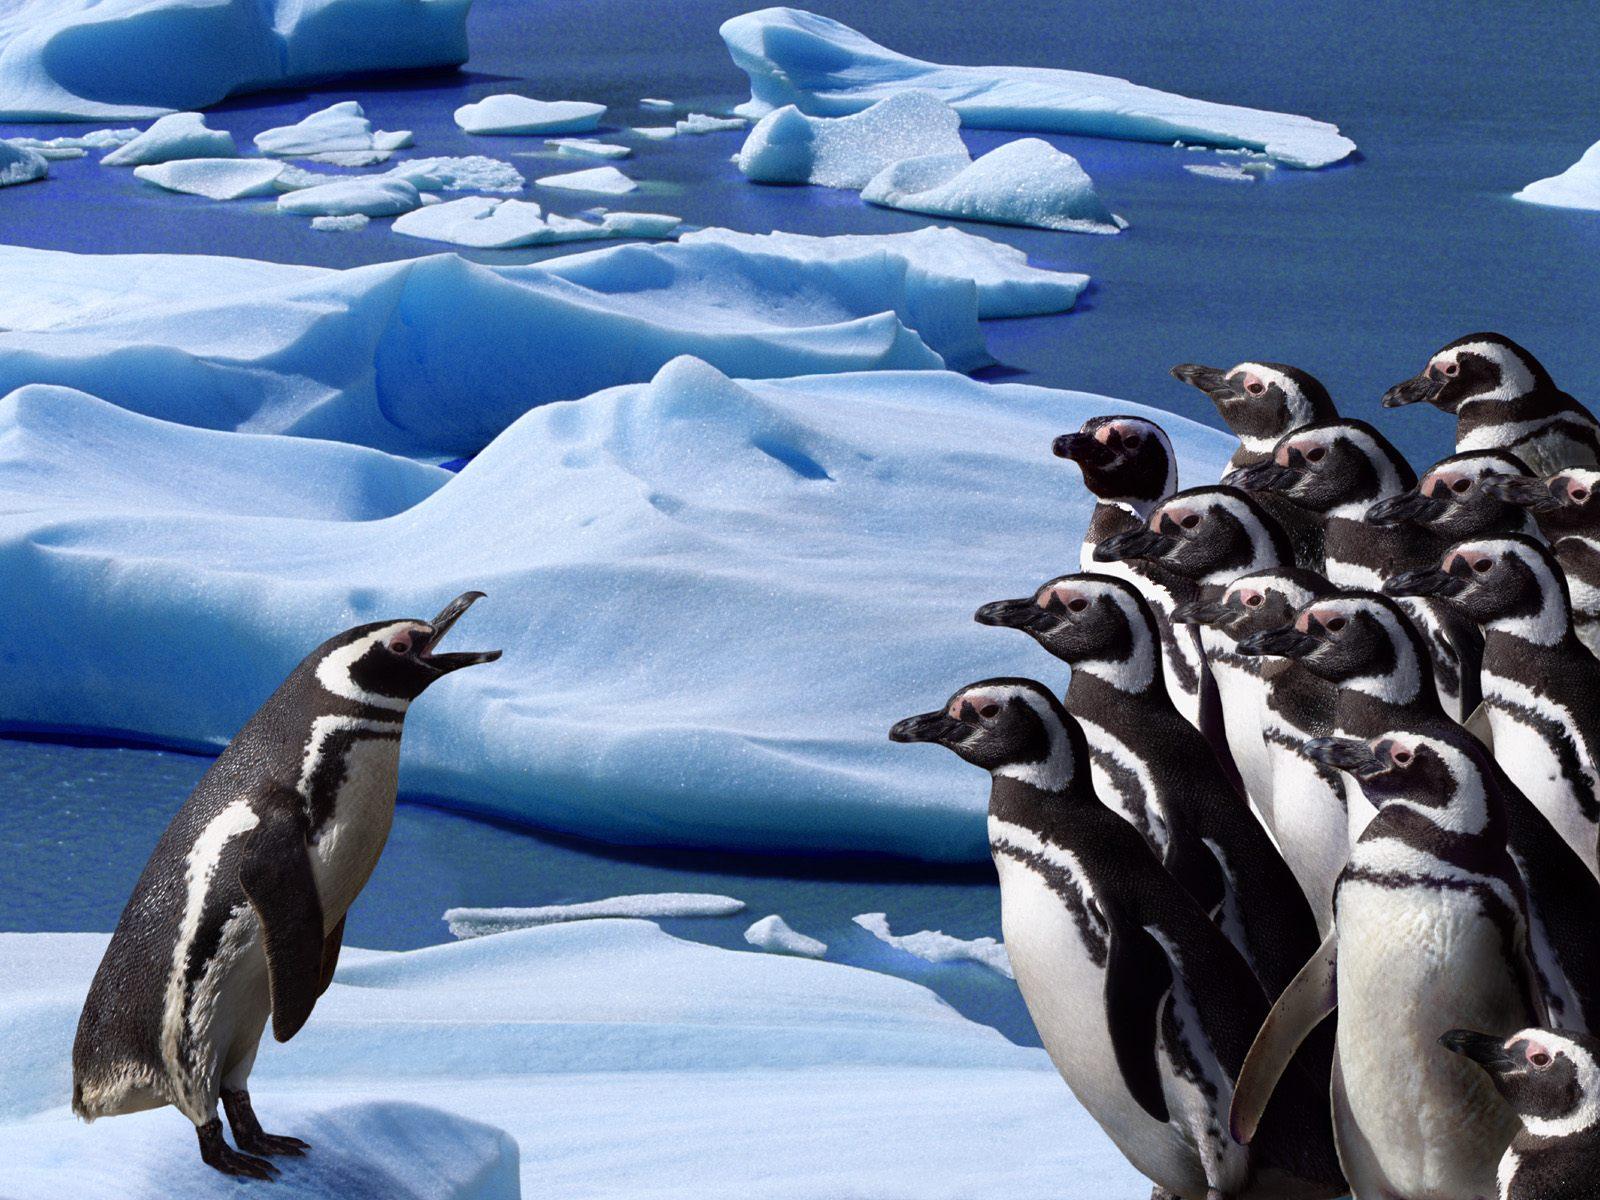 Immagine a colori di pinguini